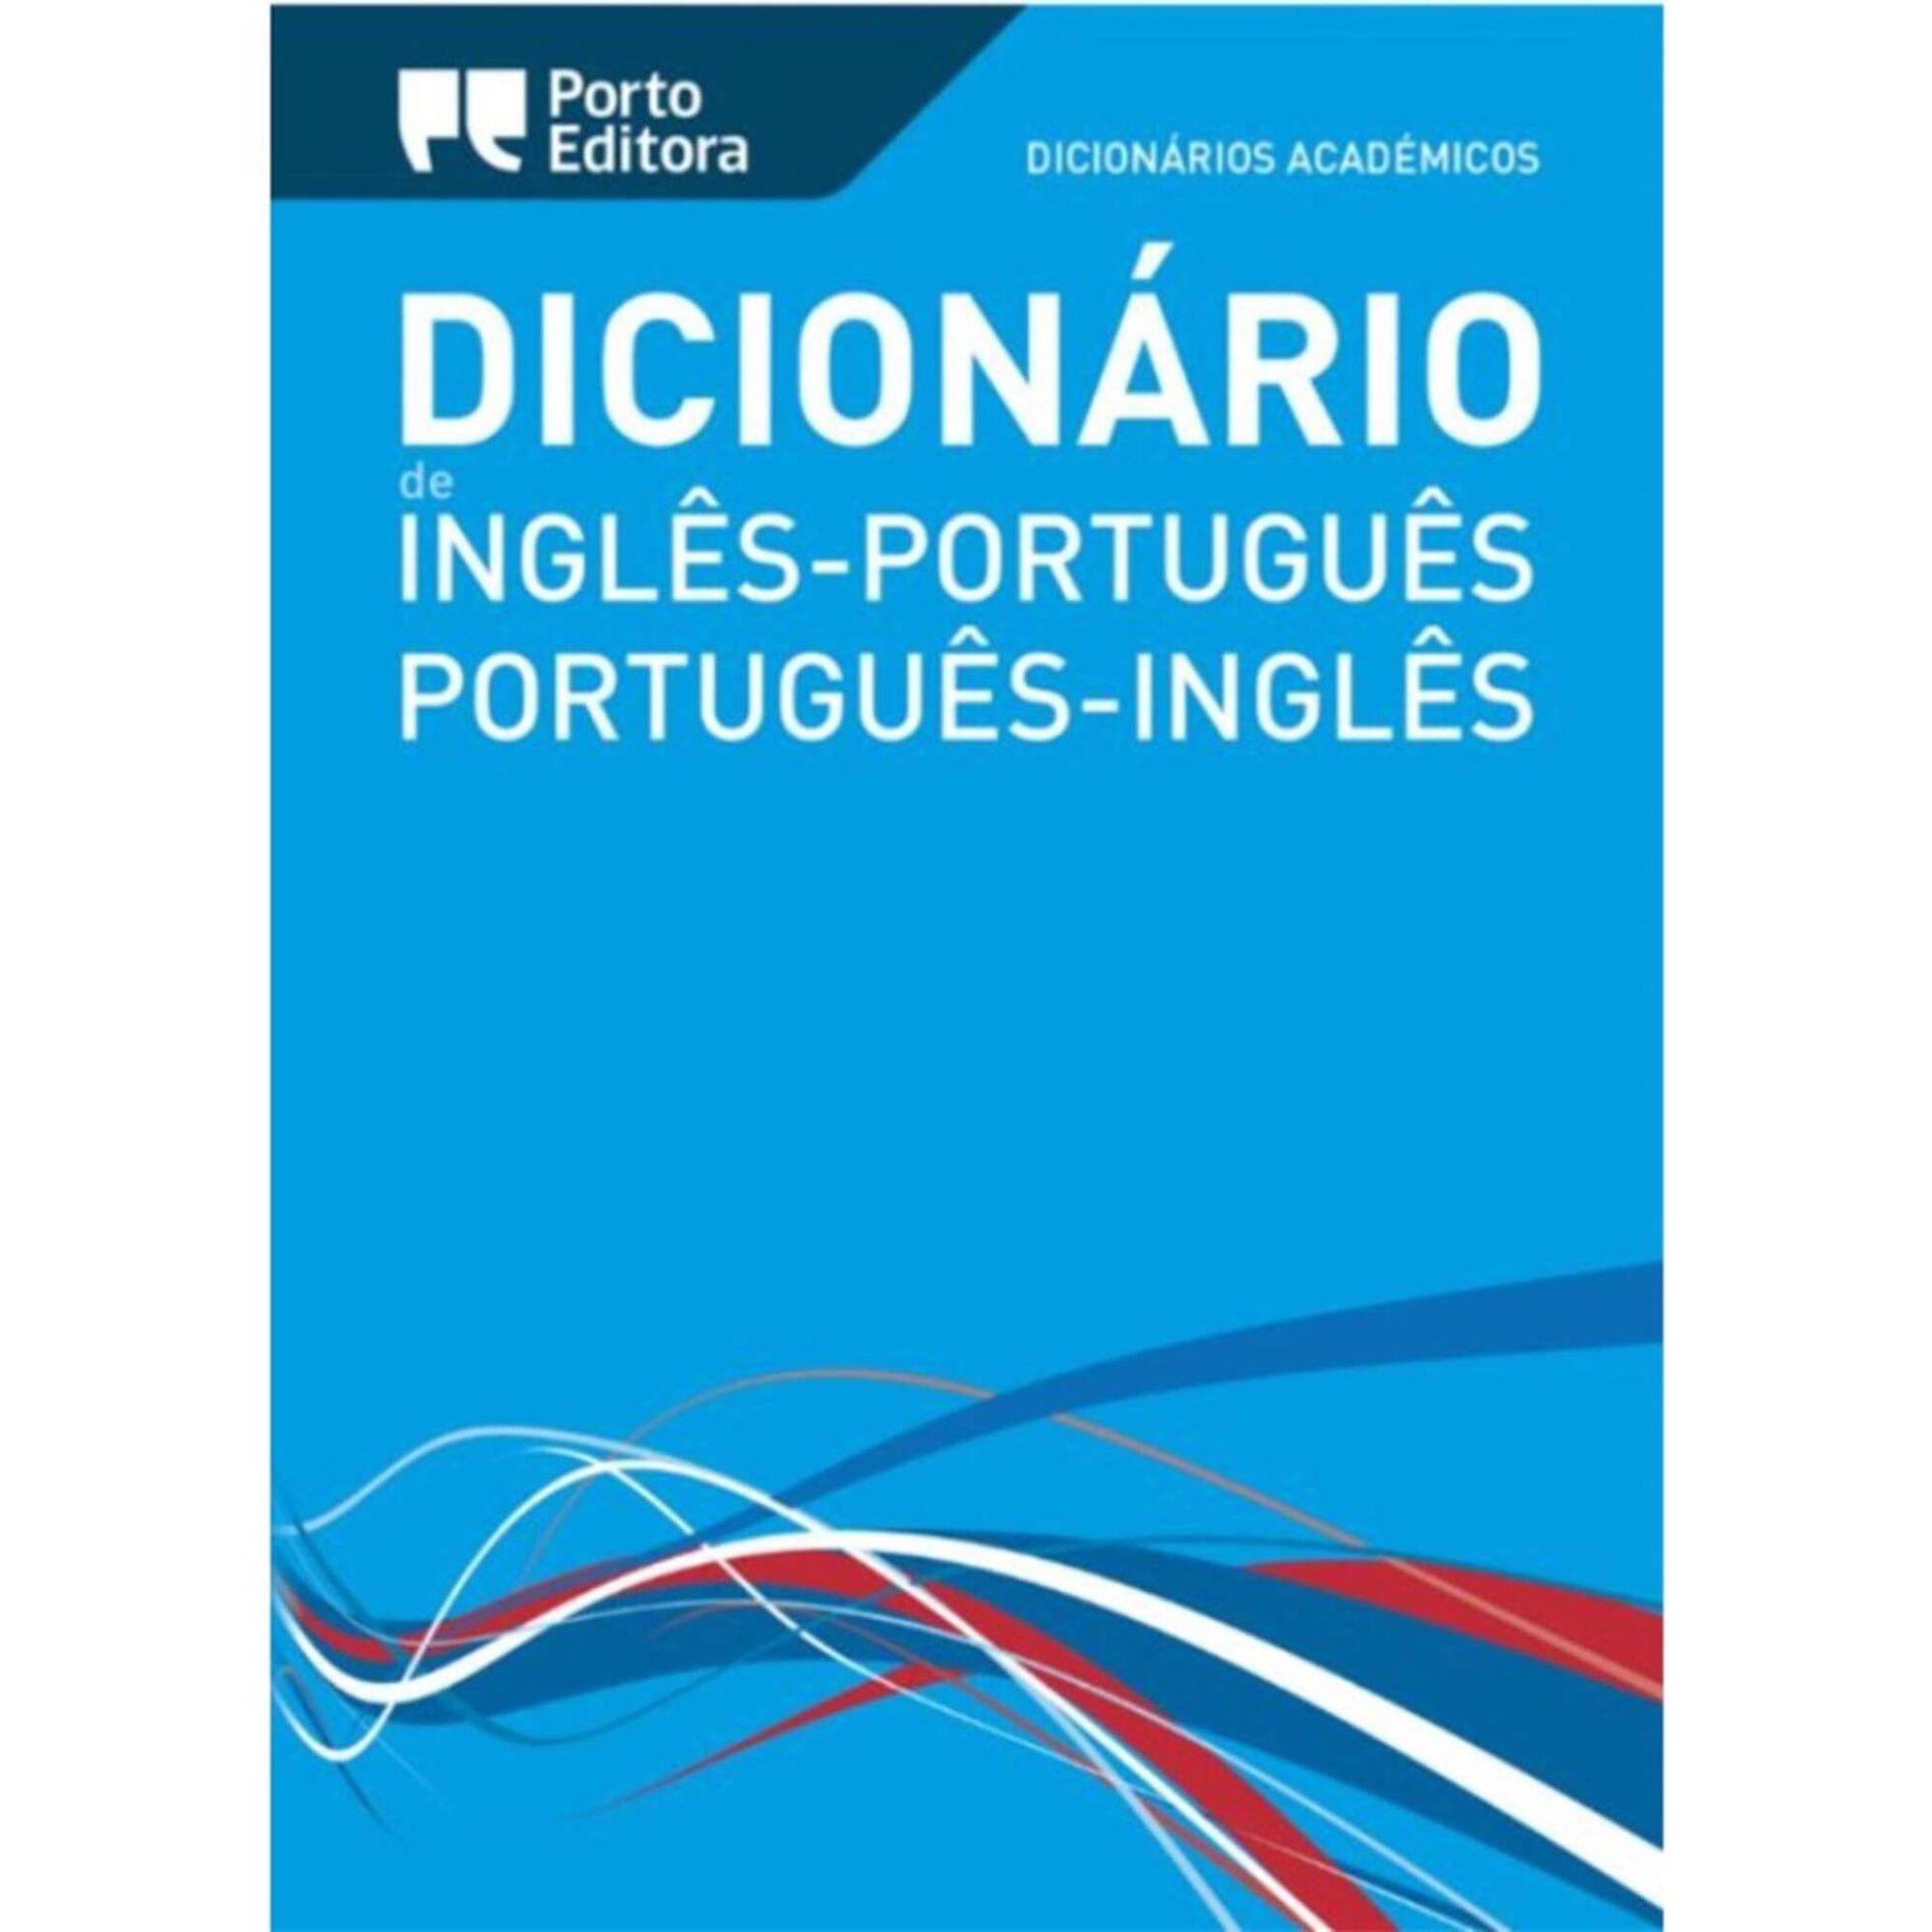 Dicionário Académico Duplo Inglês-Português